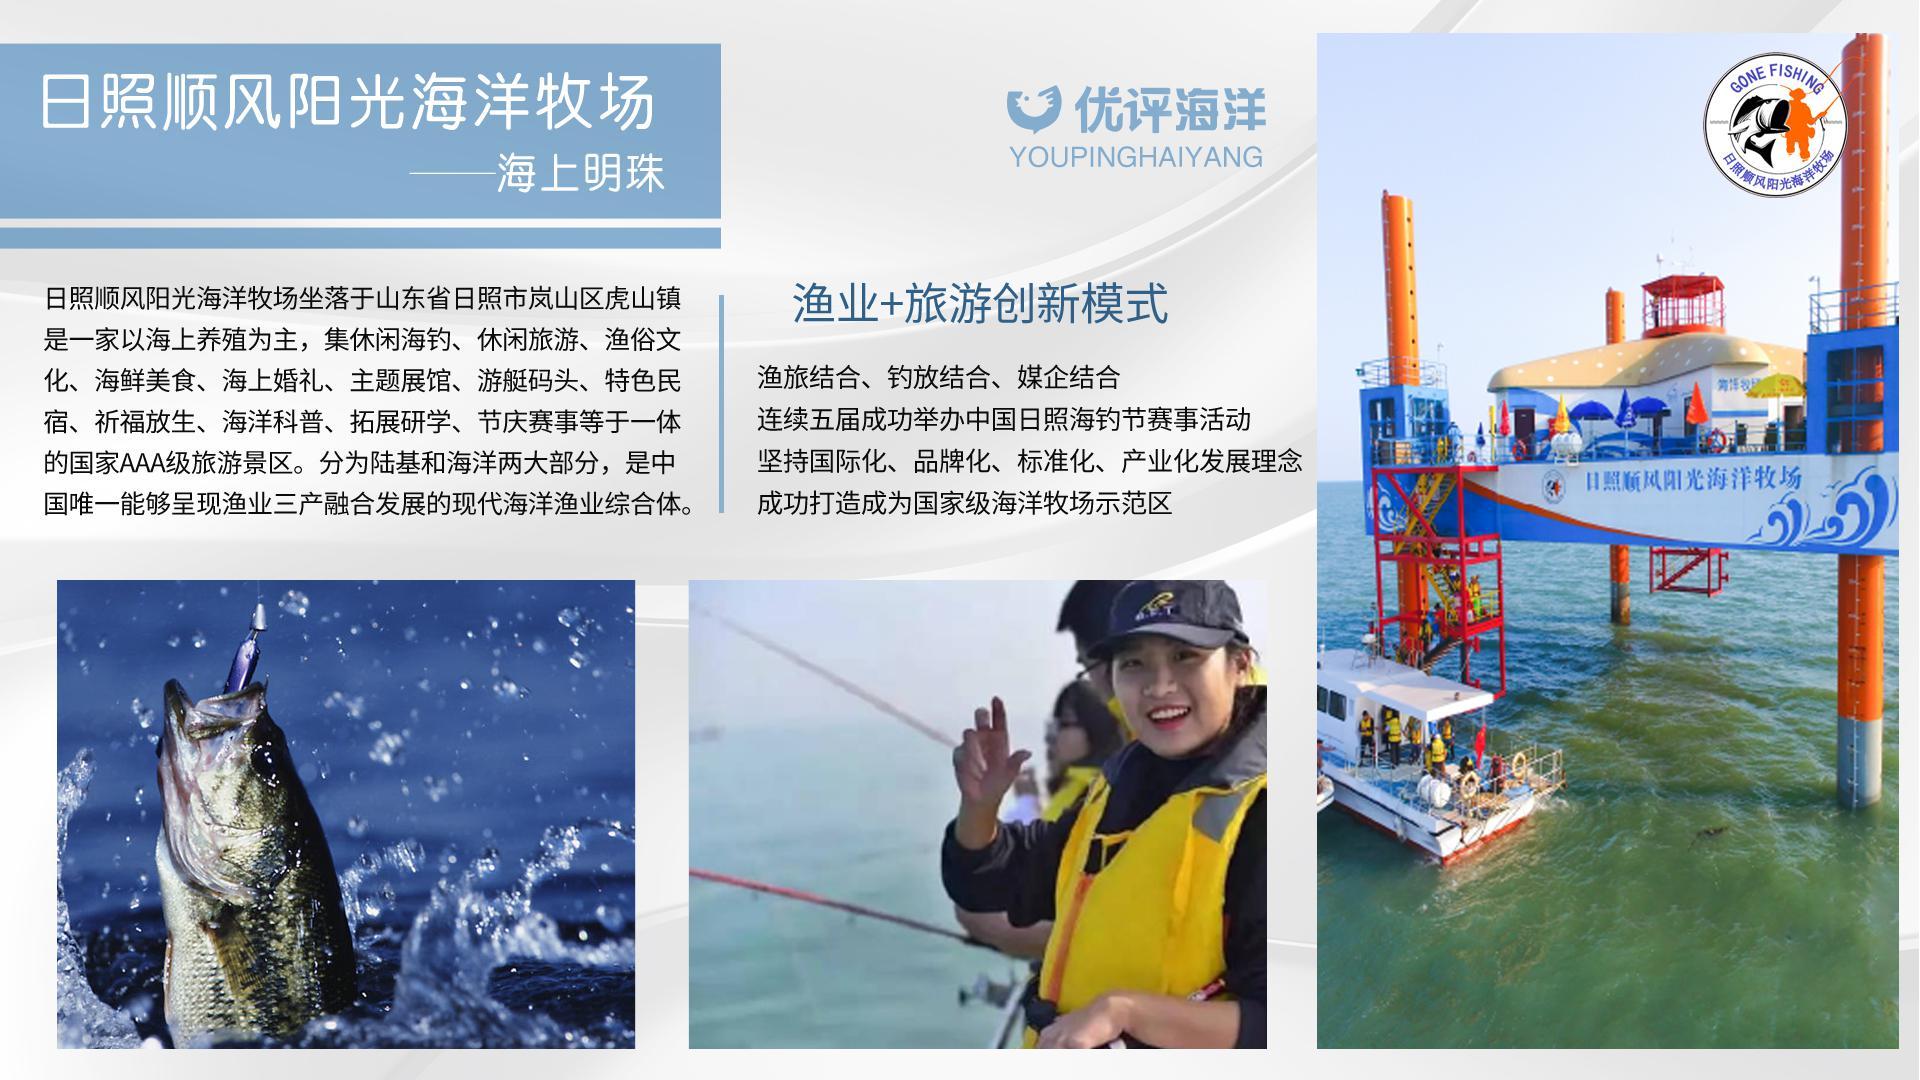 图片[1]-U评海洋,最新拼团首码,最强扶持V1秒给300-首码社